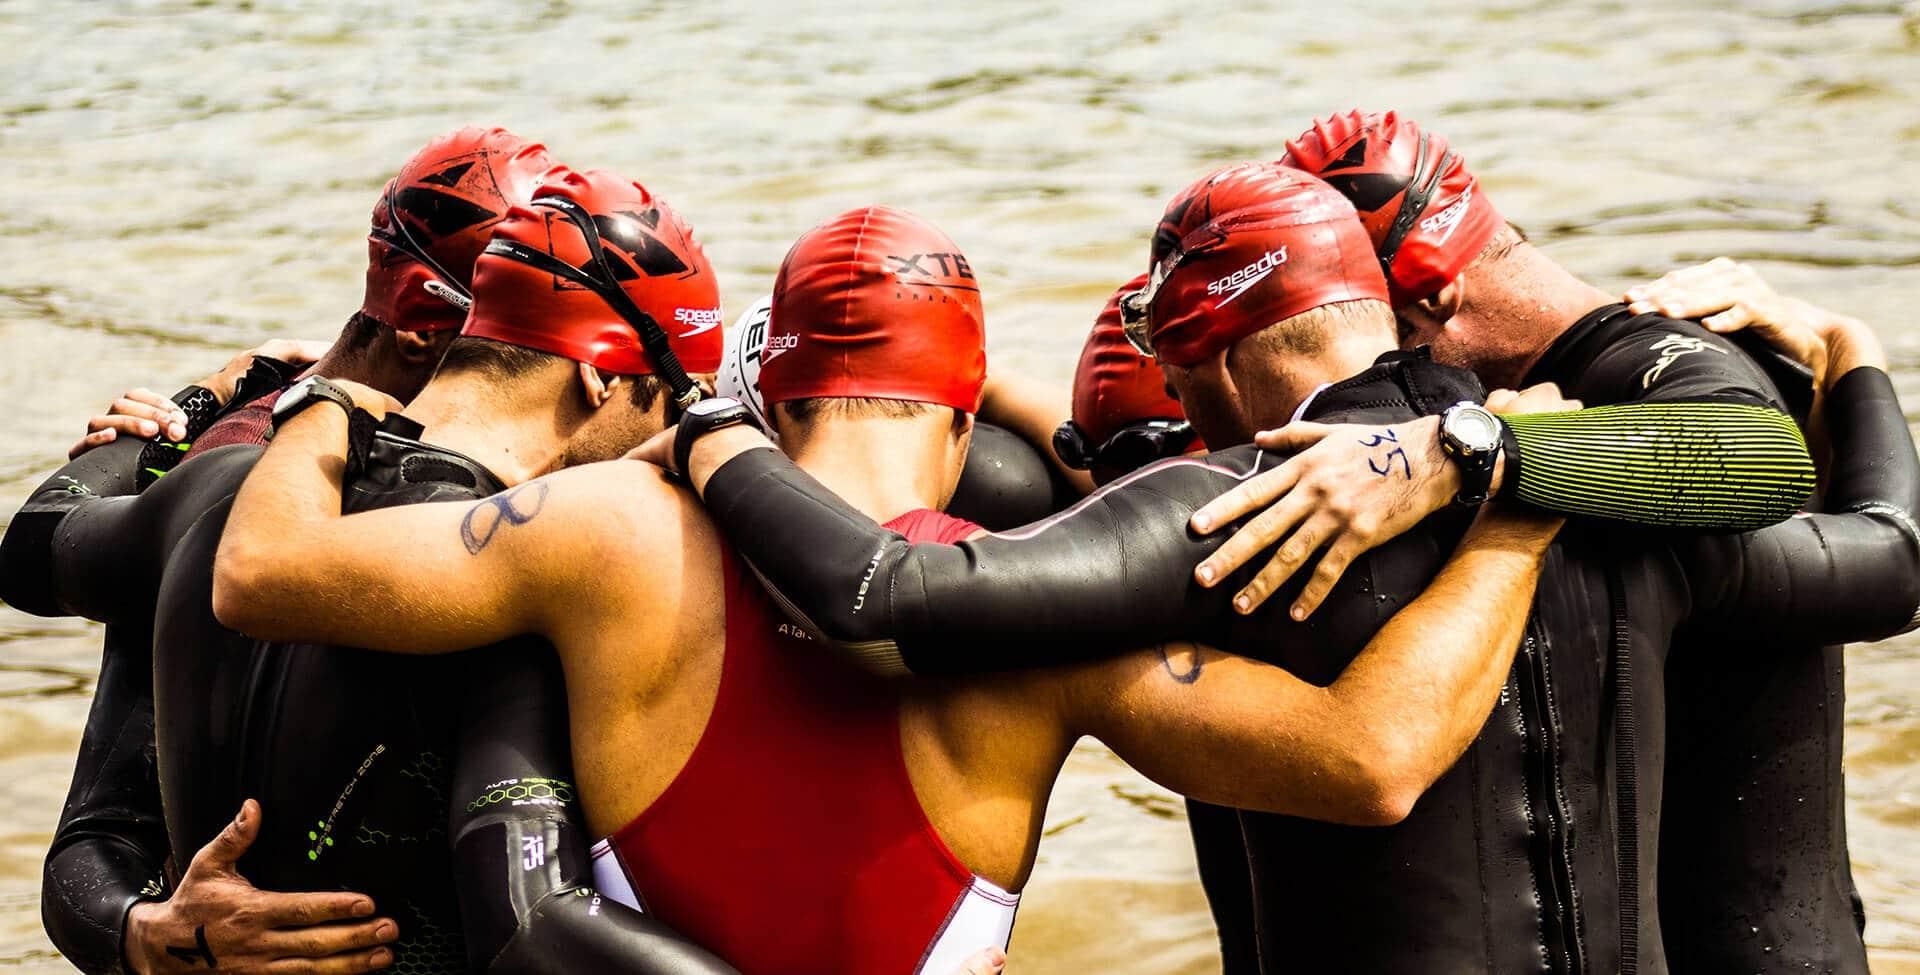 Nadador atleta de alto rendimento abraça outros atletas em uma competição